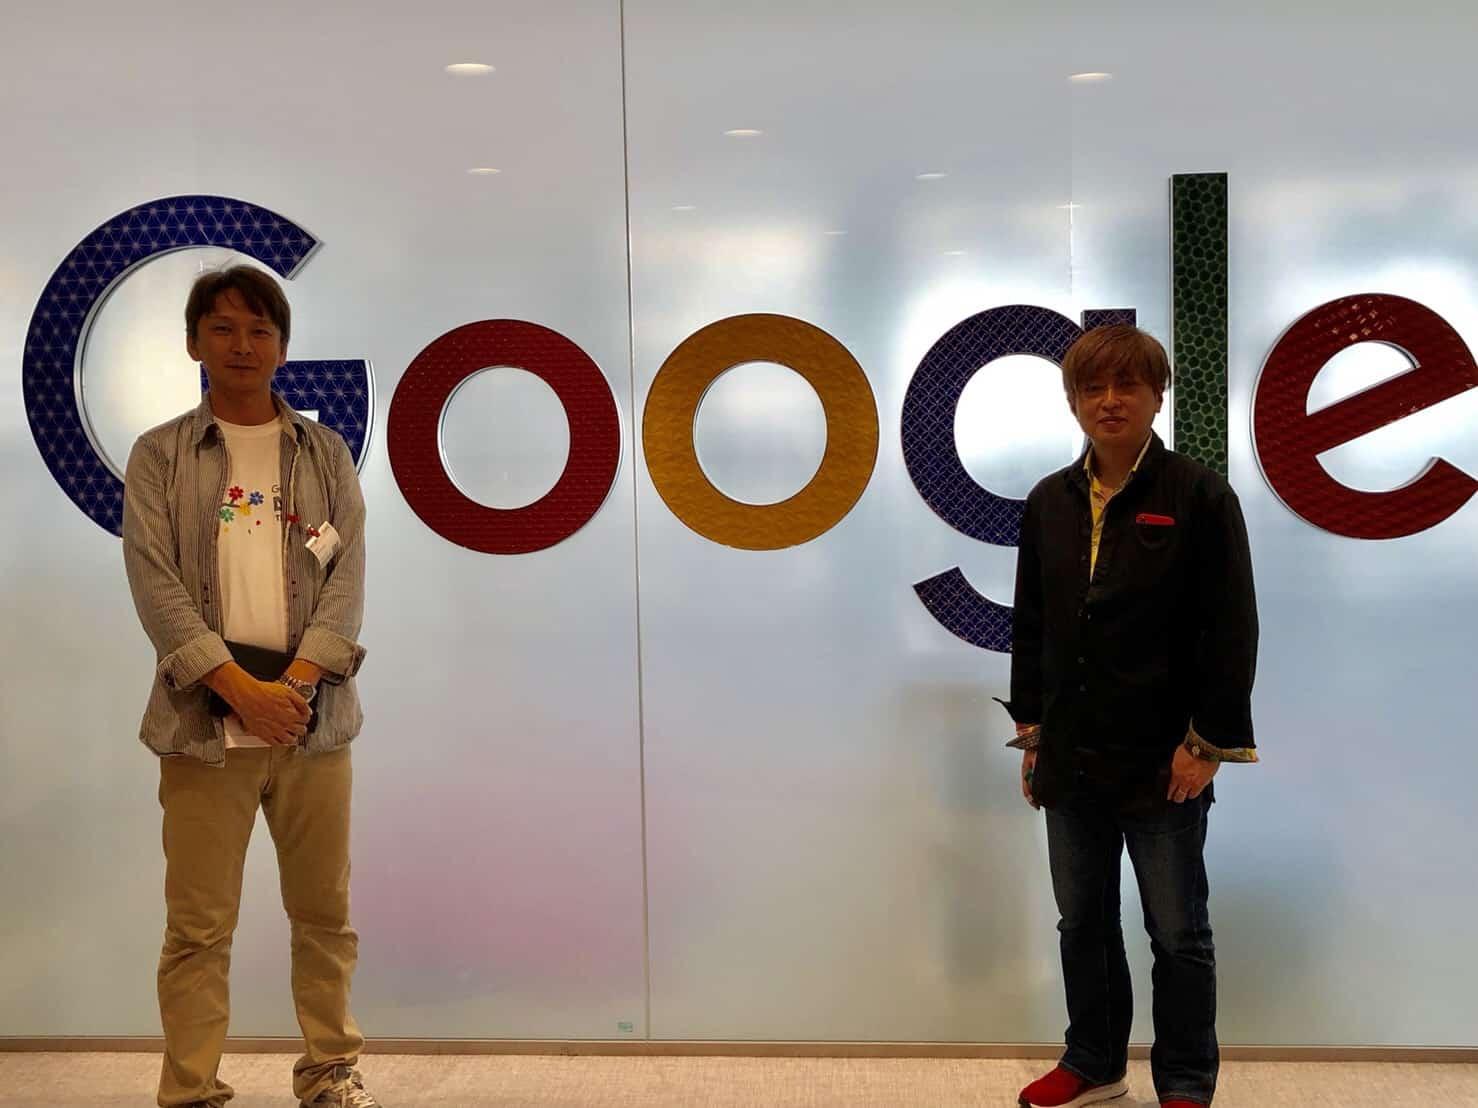 Googleのオフィスにて金谷さんと記念撮影